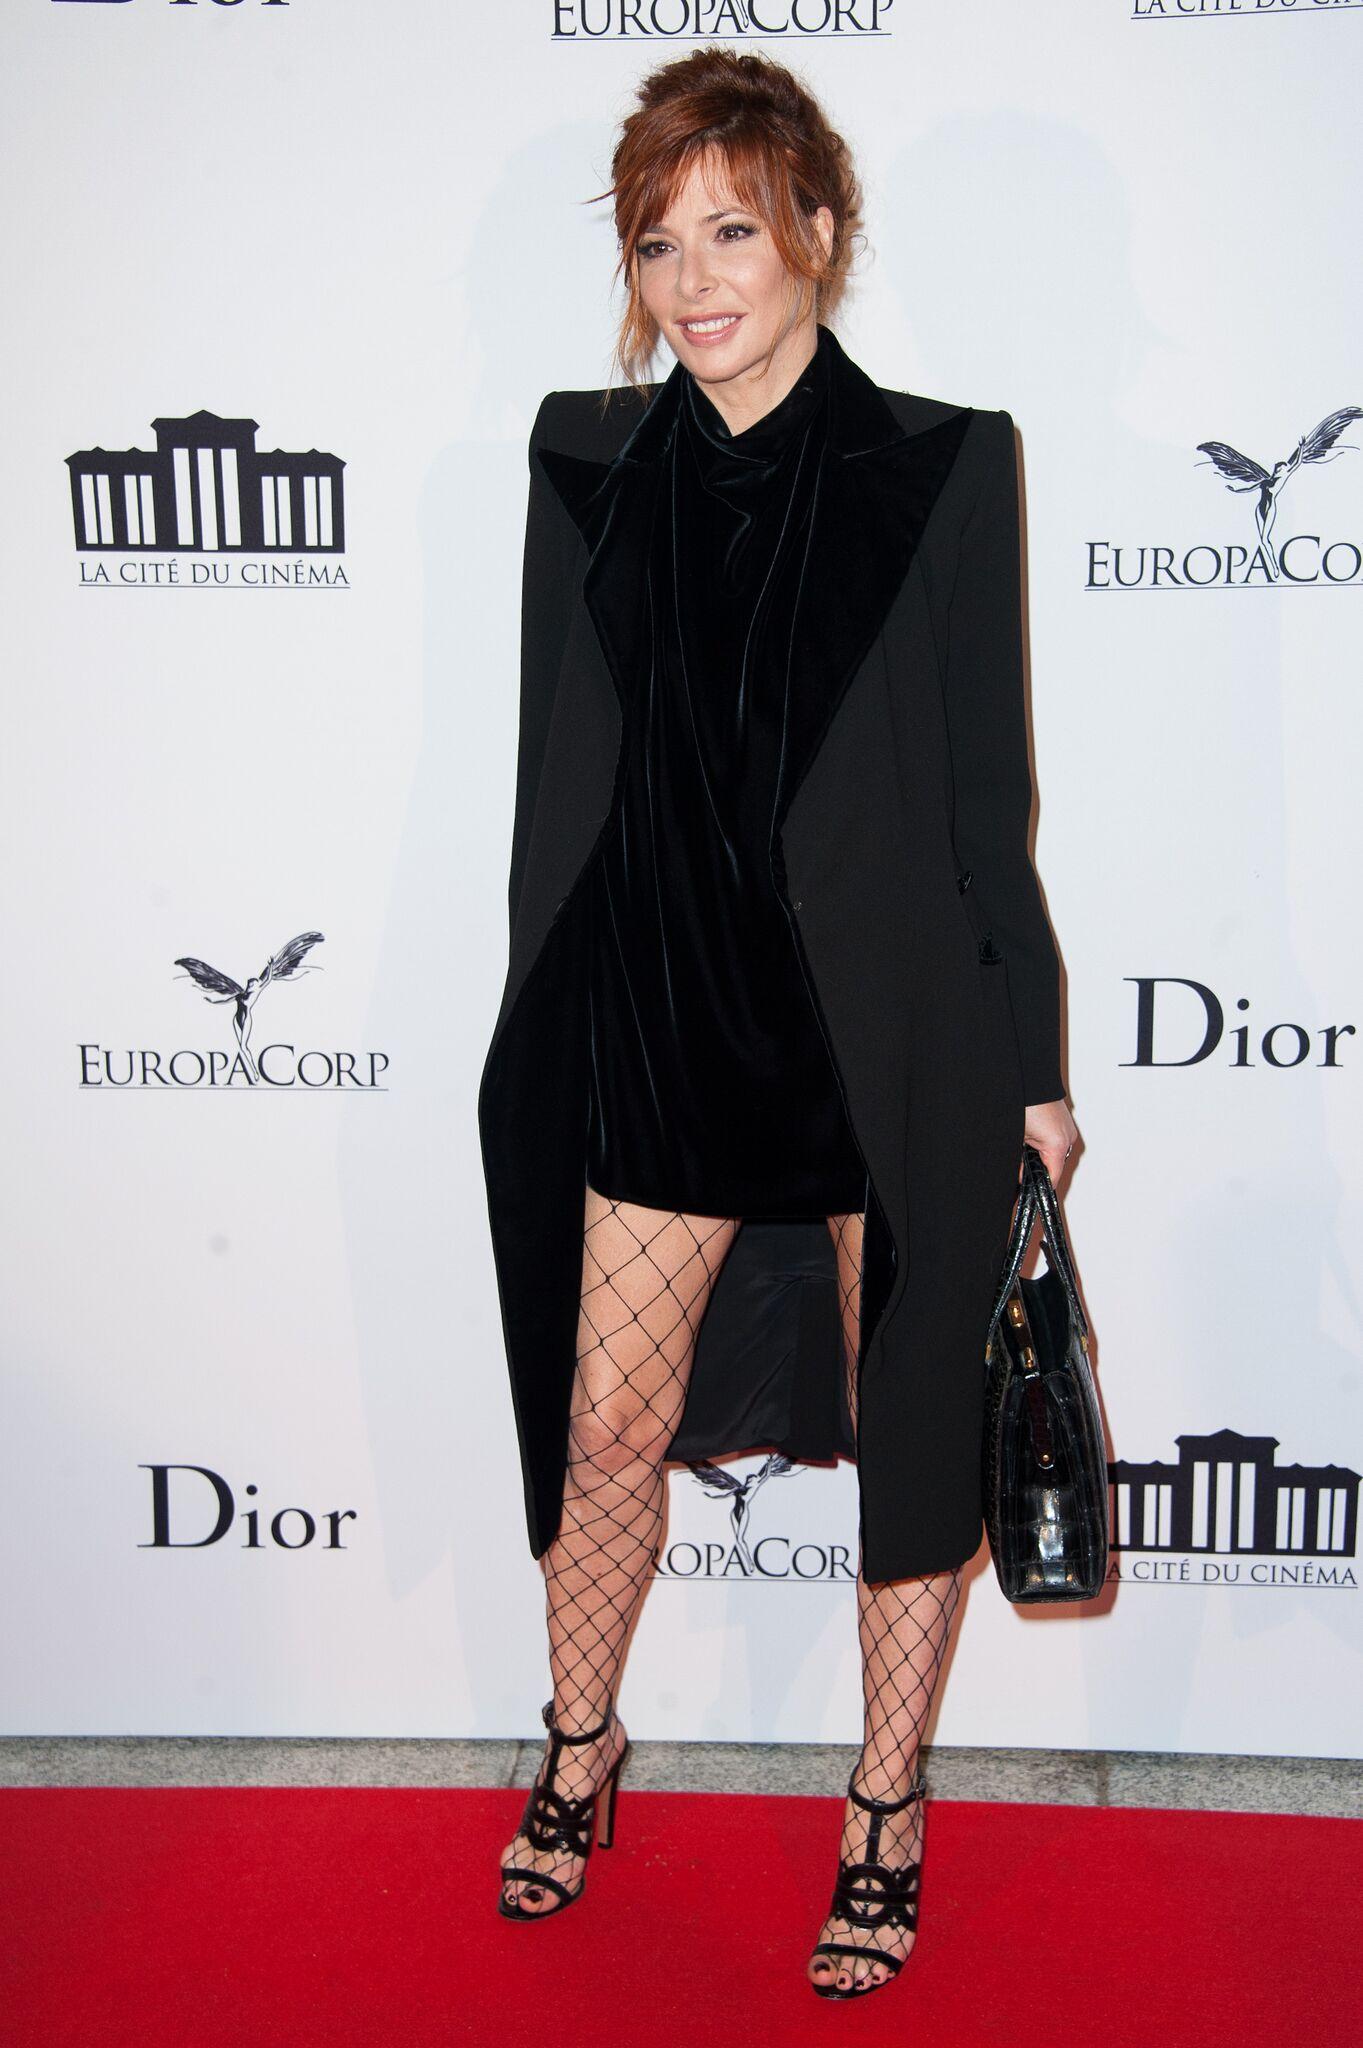 La chanteuse Mylène Farmer. l Source: Getty Images